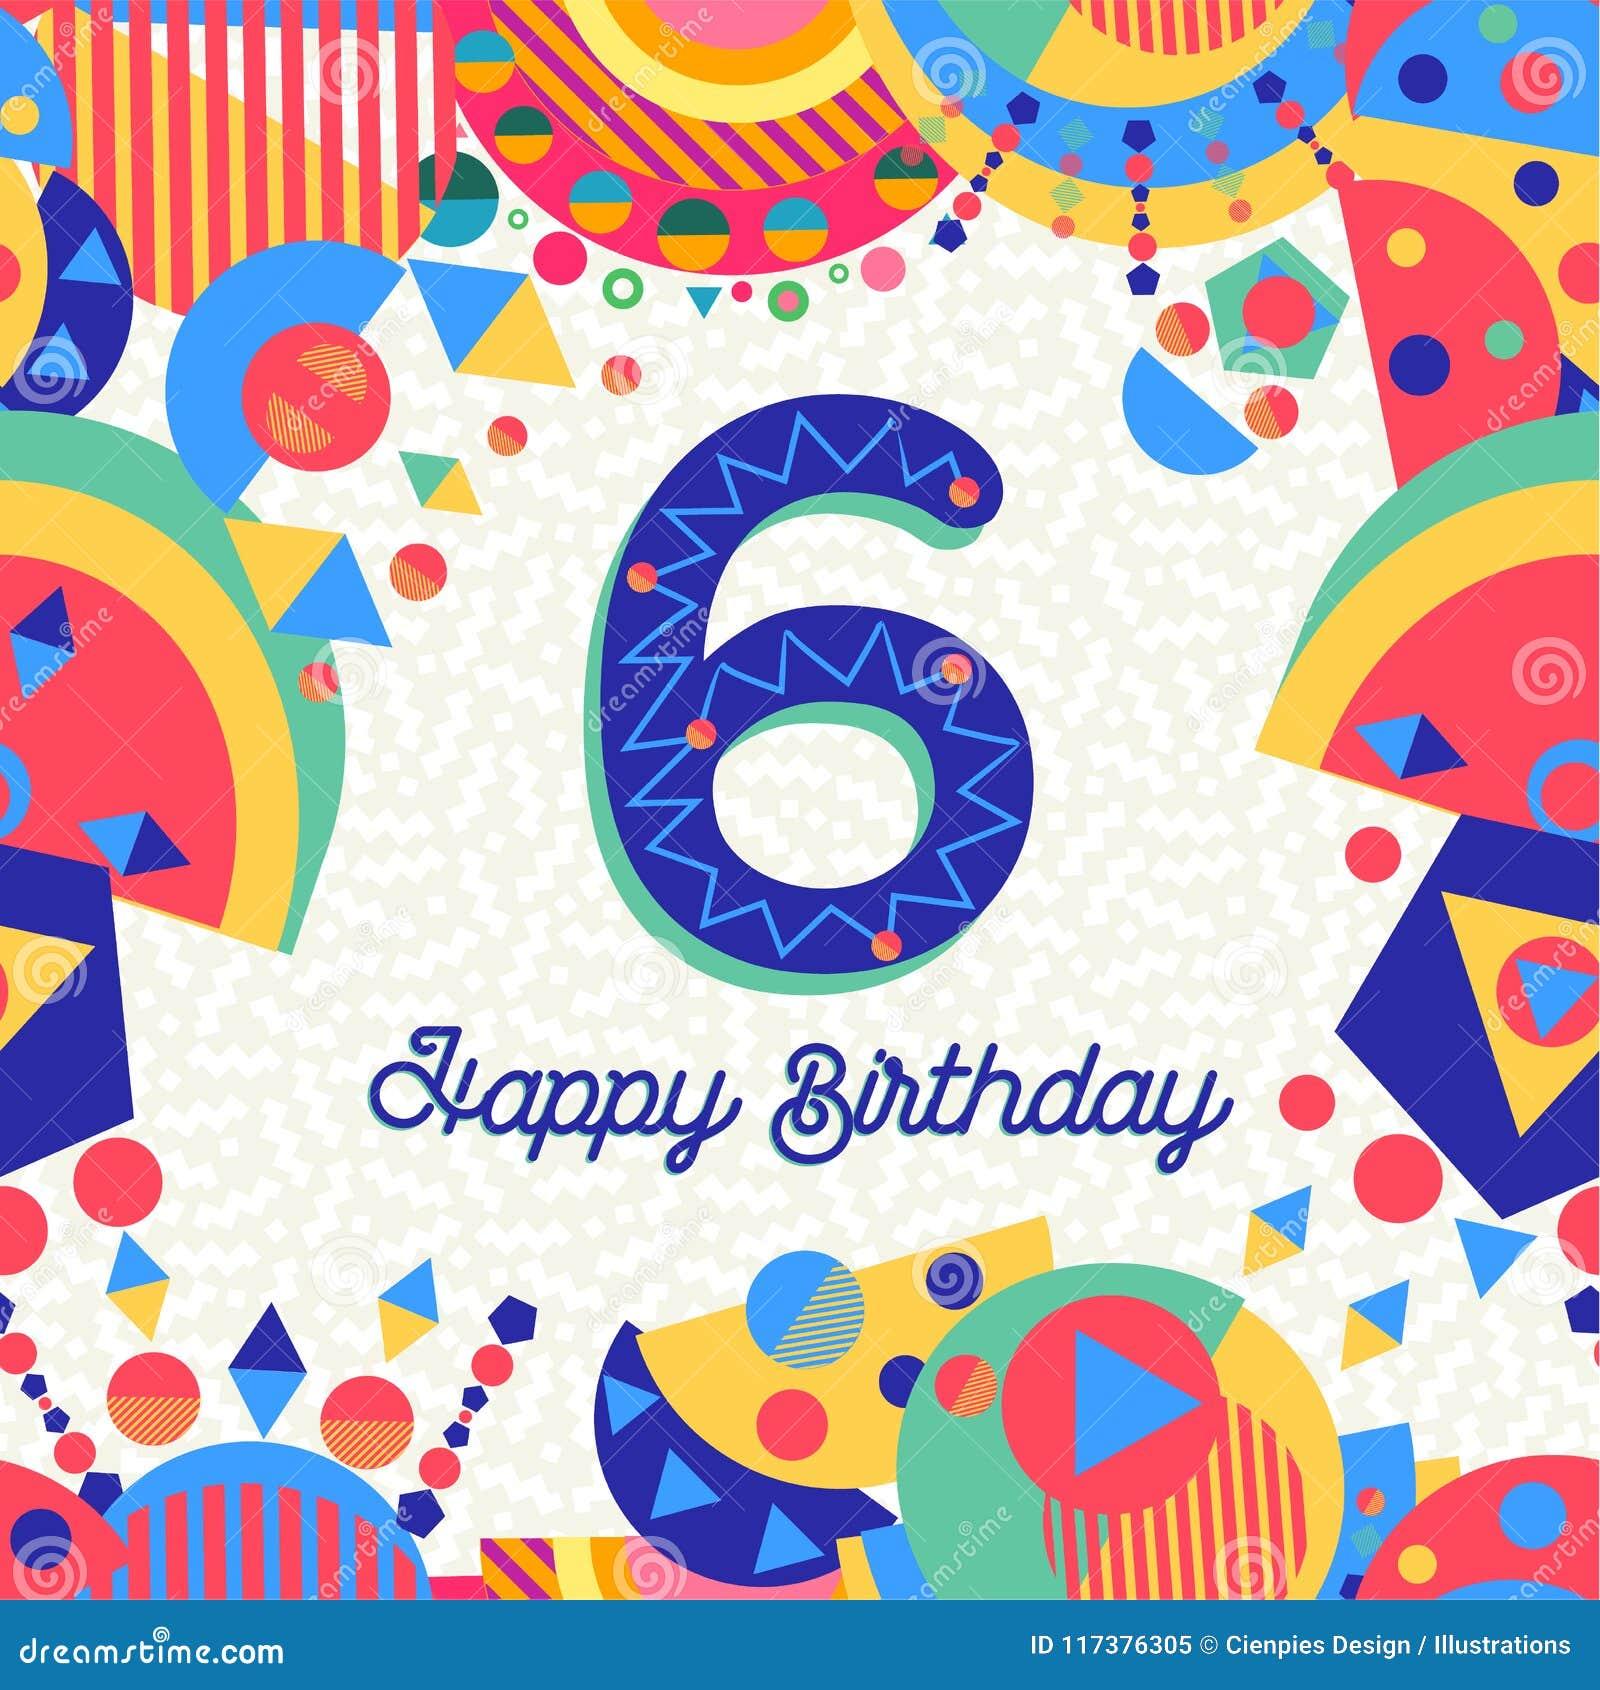 Auguri Buon Compleanno 6 Anni.Sei Numeri Della Cartolina D Auguri Della Festa Di